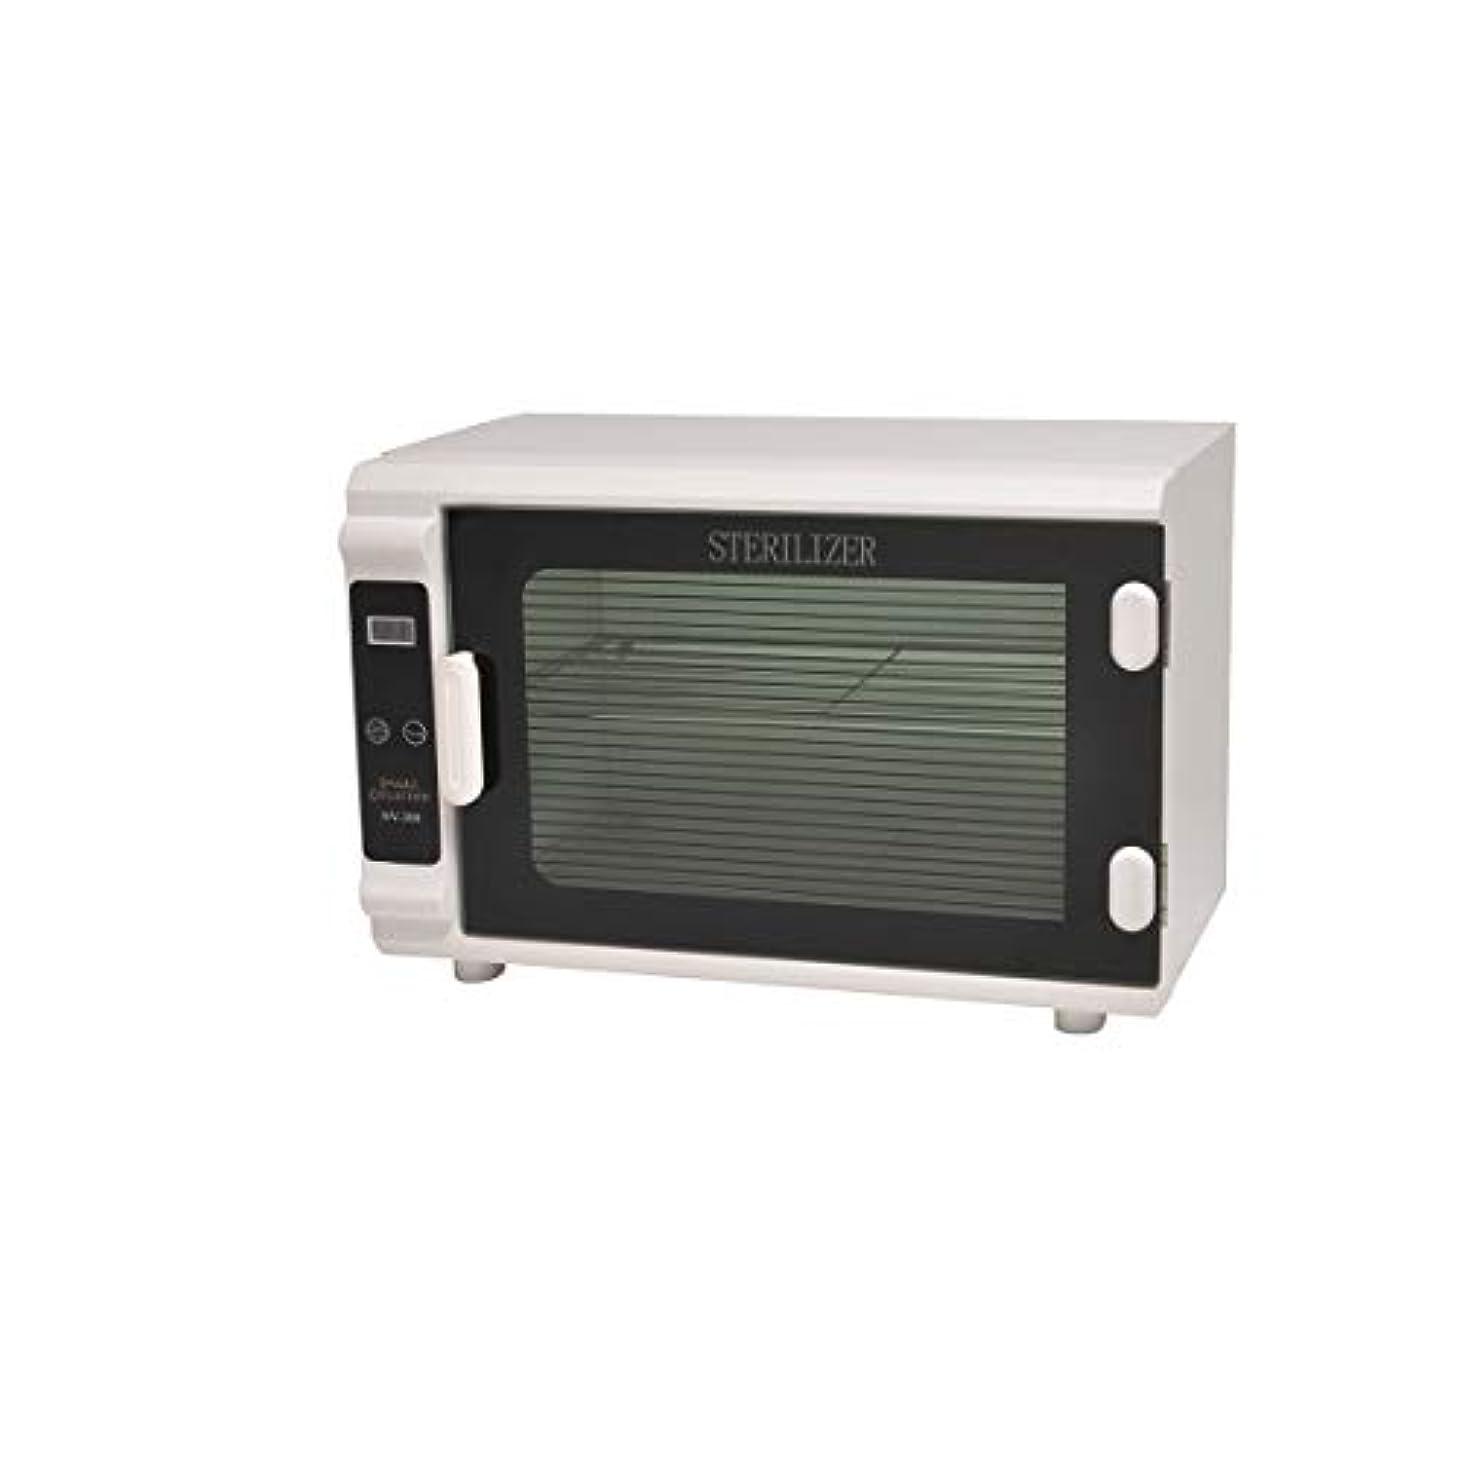 いろいろ辛い考えタイマー付紫外線消毒器NV-308EX(PHILIPS社製ライト採用)